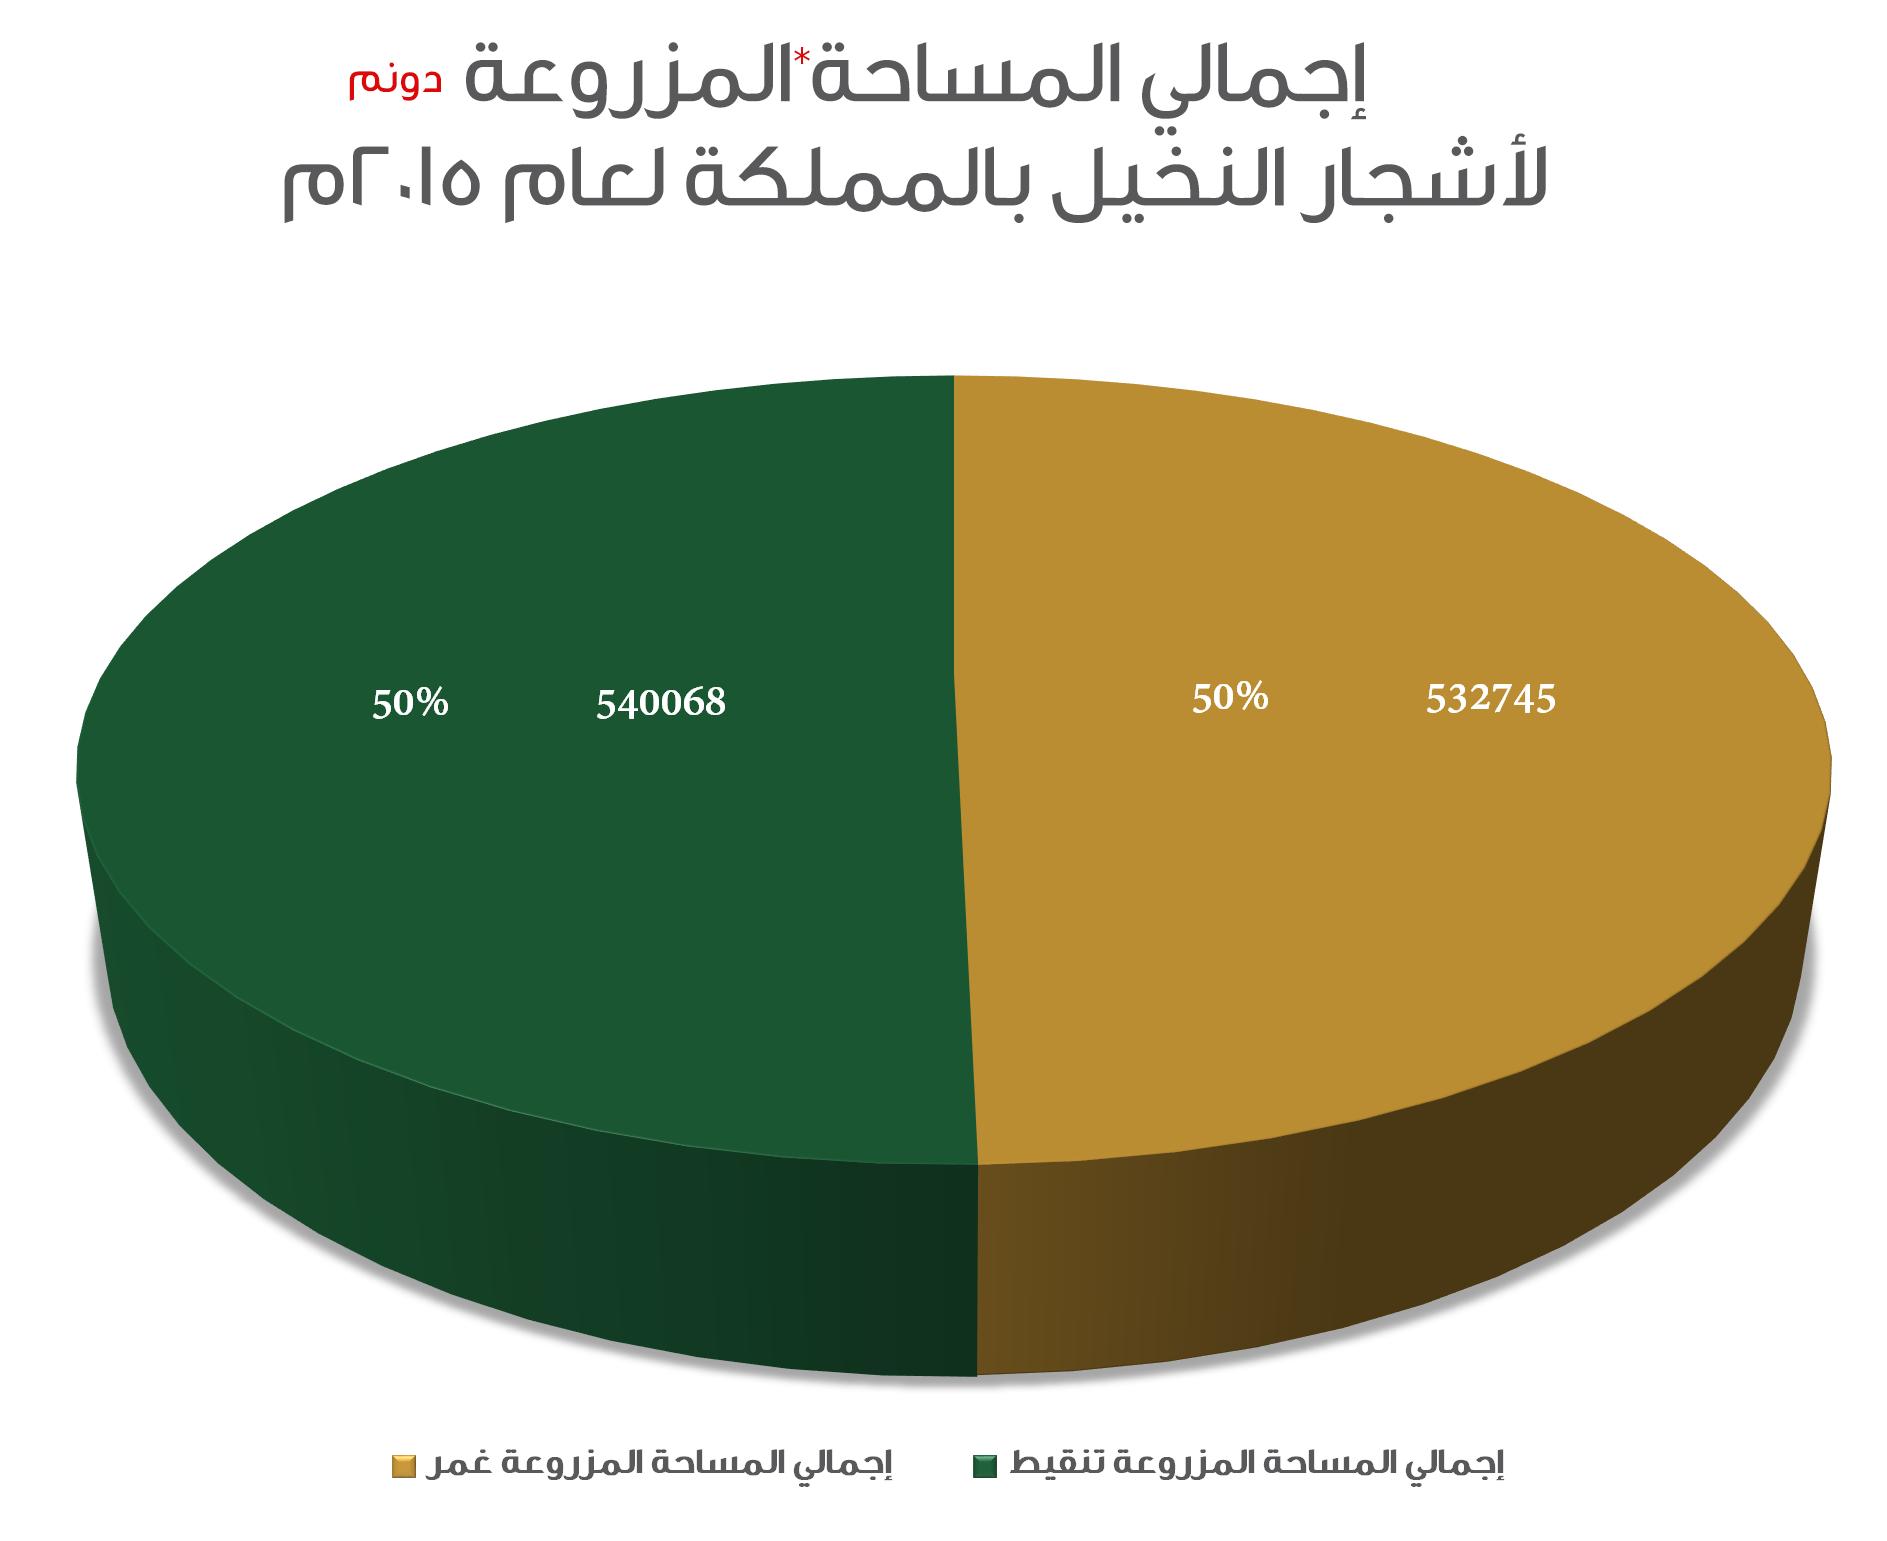 إجمالي المساحة المزروعة لأشجار النخيل لعام 2015